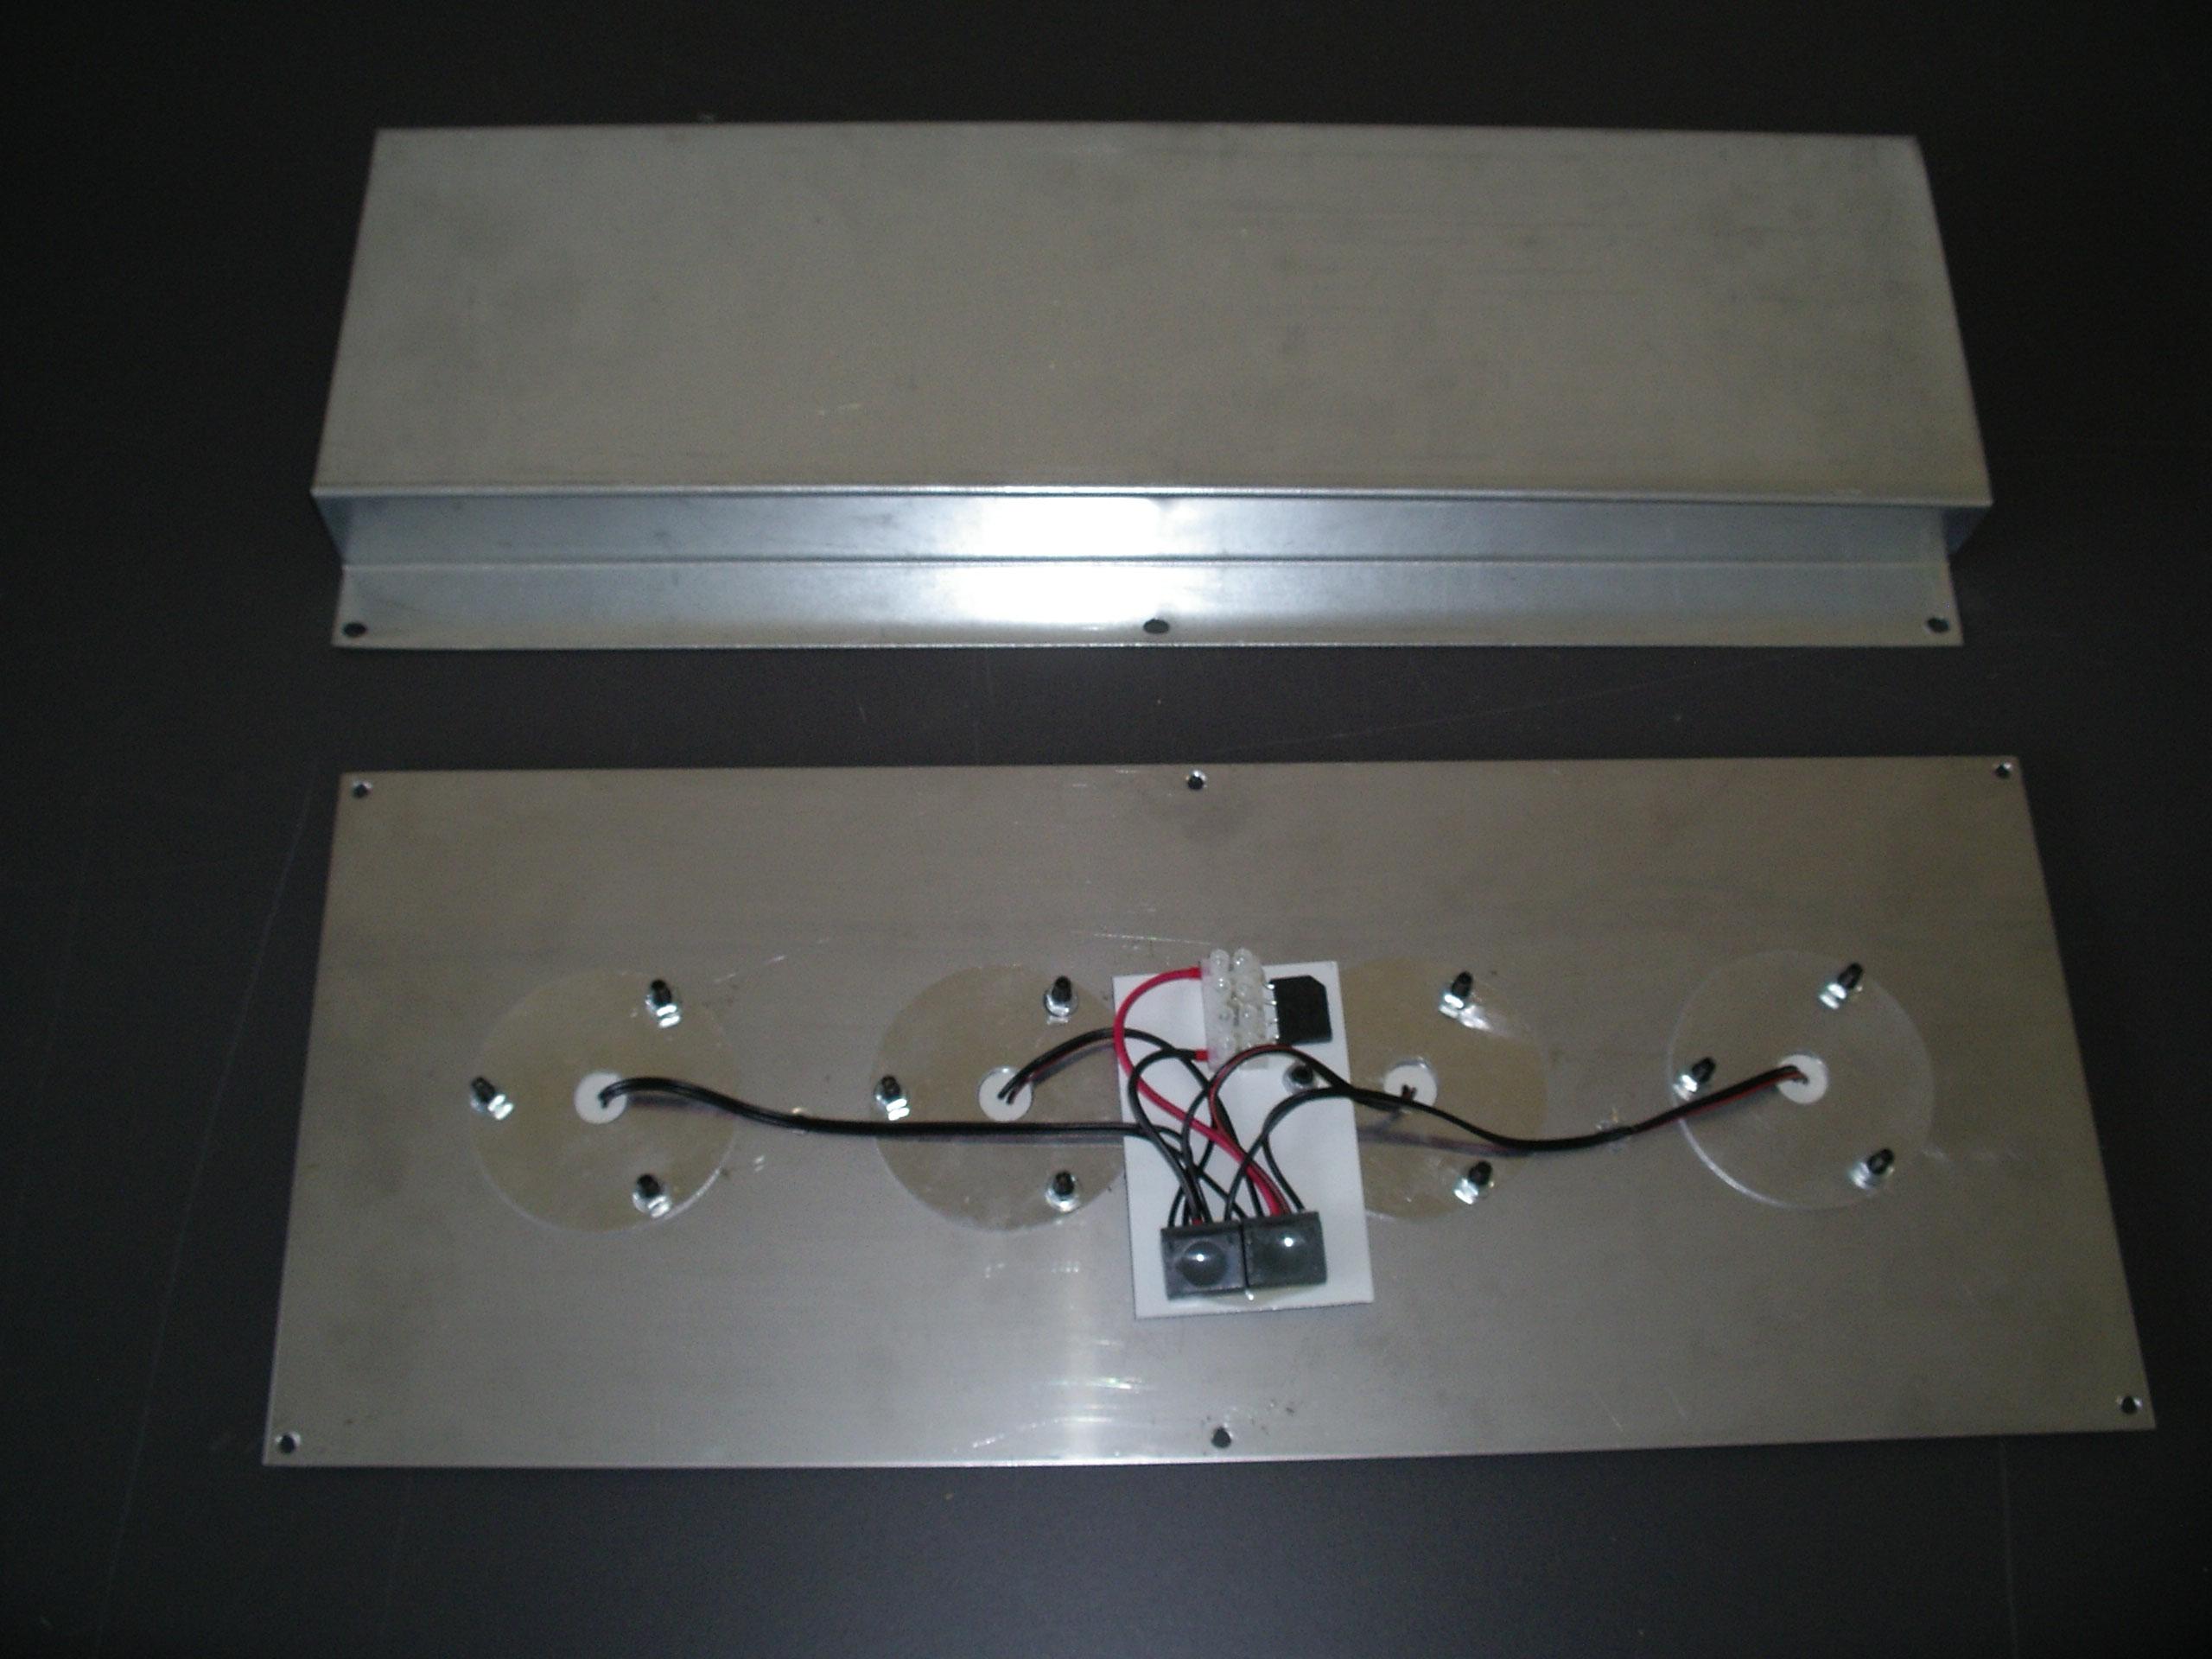 LED svítidlo KIT 250-500kg  4x25W 24V zadek